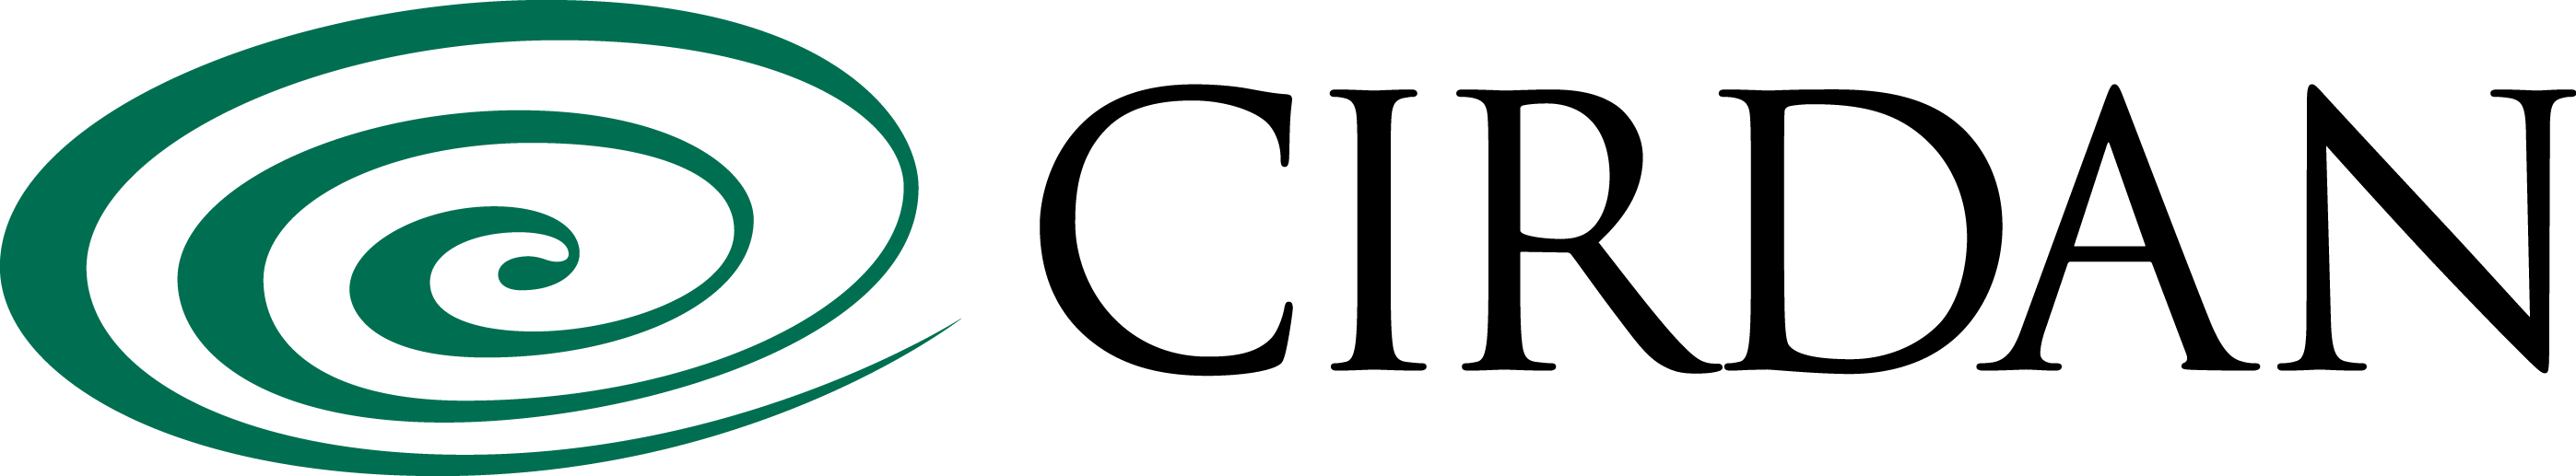 Cirdan